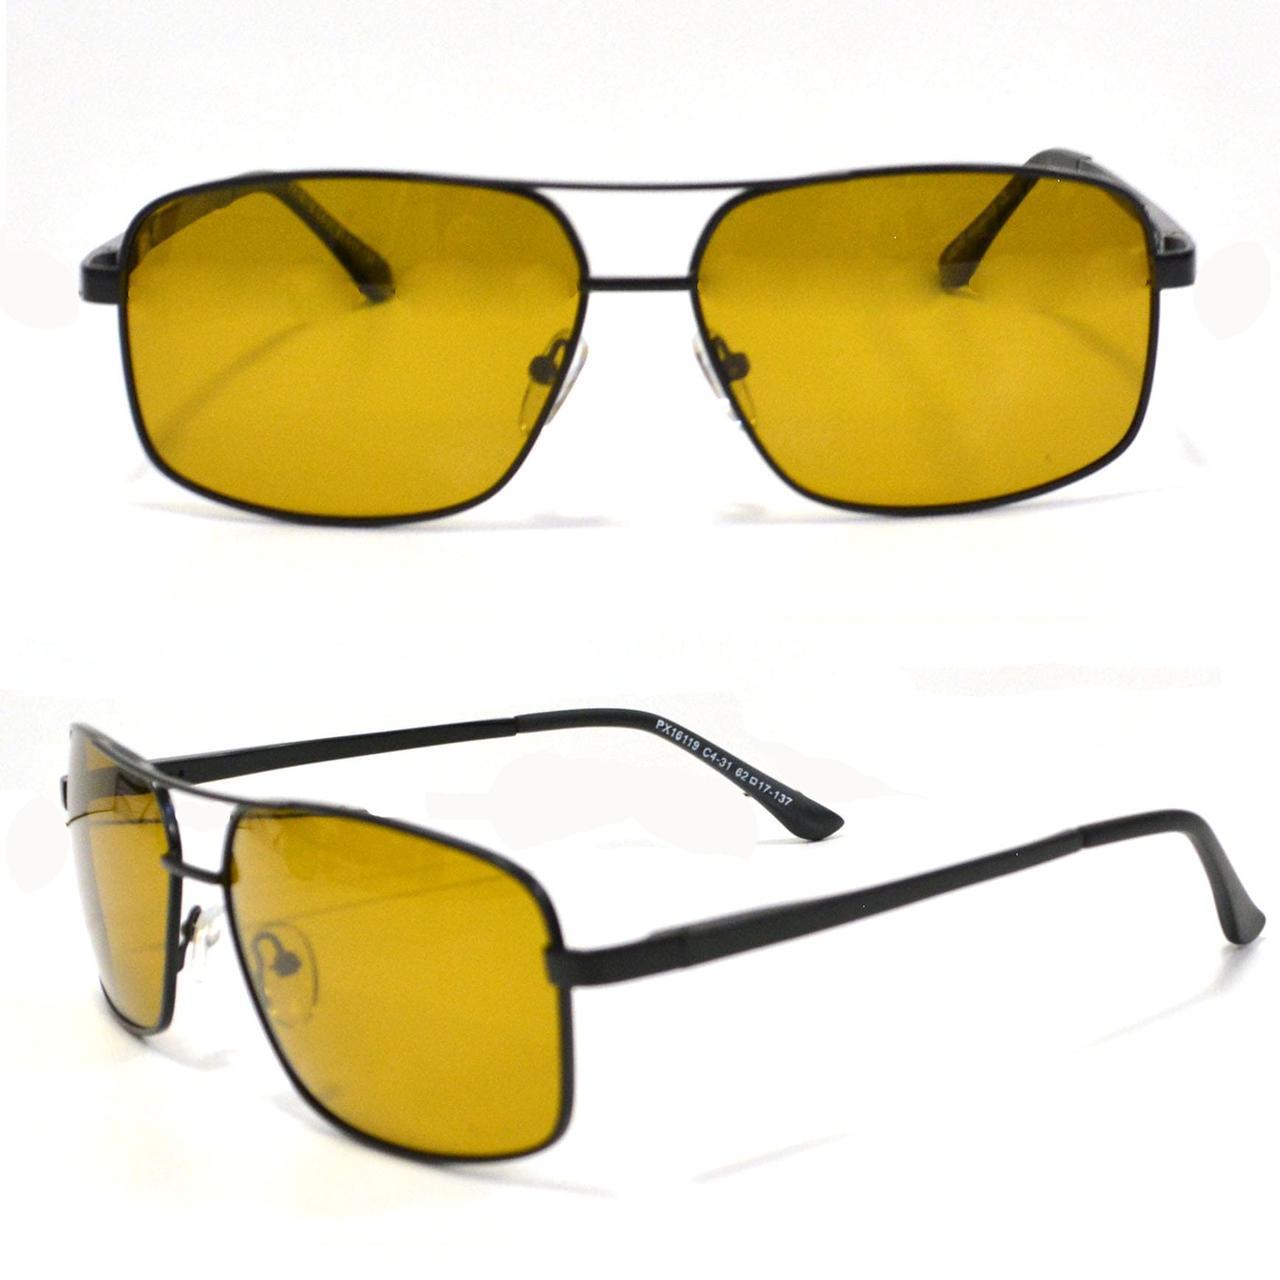 Солнцезащитные поляризационные очки ПОЛАРОИД UV400 тонкая сдвоенная оправа коричневые стекла АВТО PX16119 - фото 1